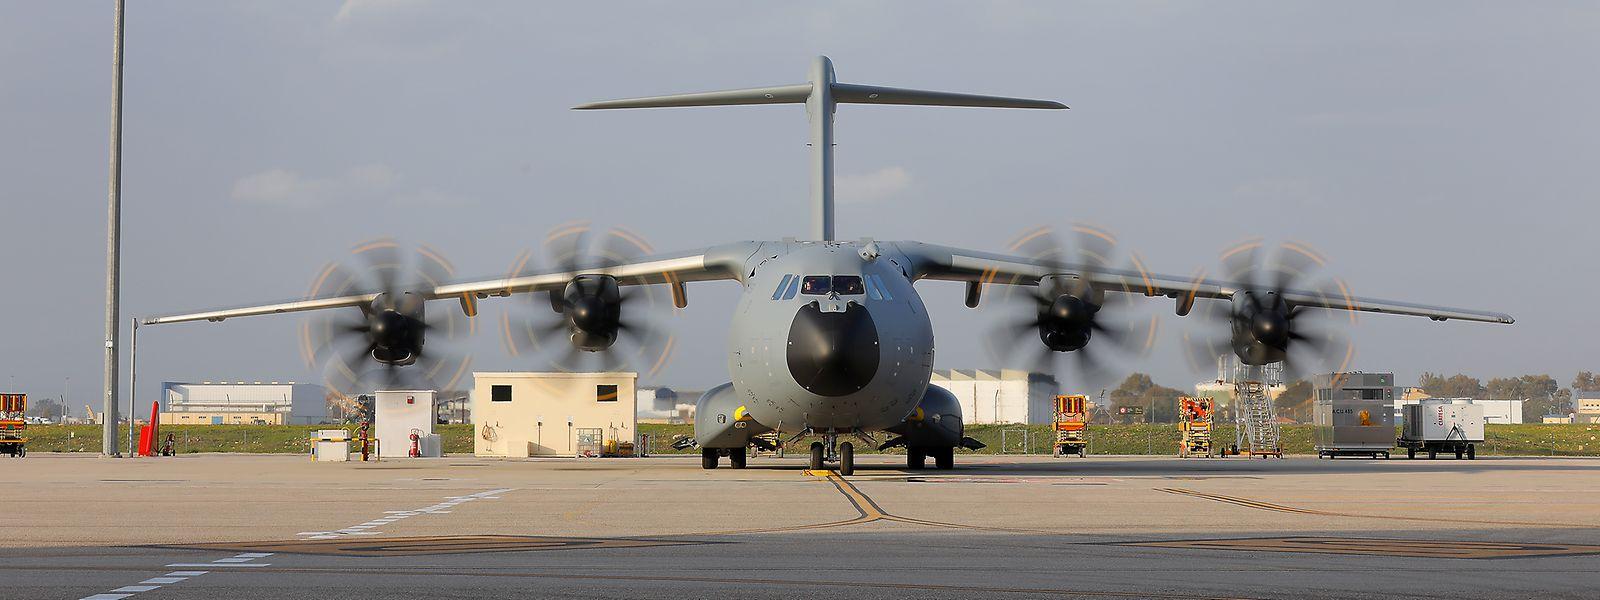 Am Dienstagmorgen wurden in Sevilla zum ersten Mal alle vier Motoren des neuen Airbus A400M hochgefahren.